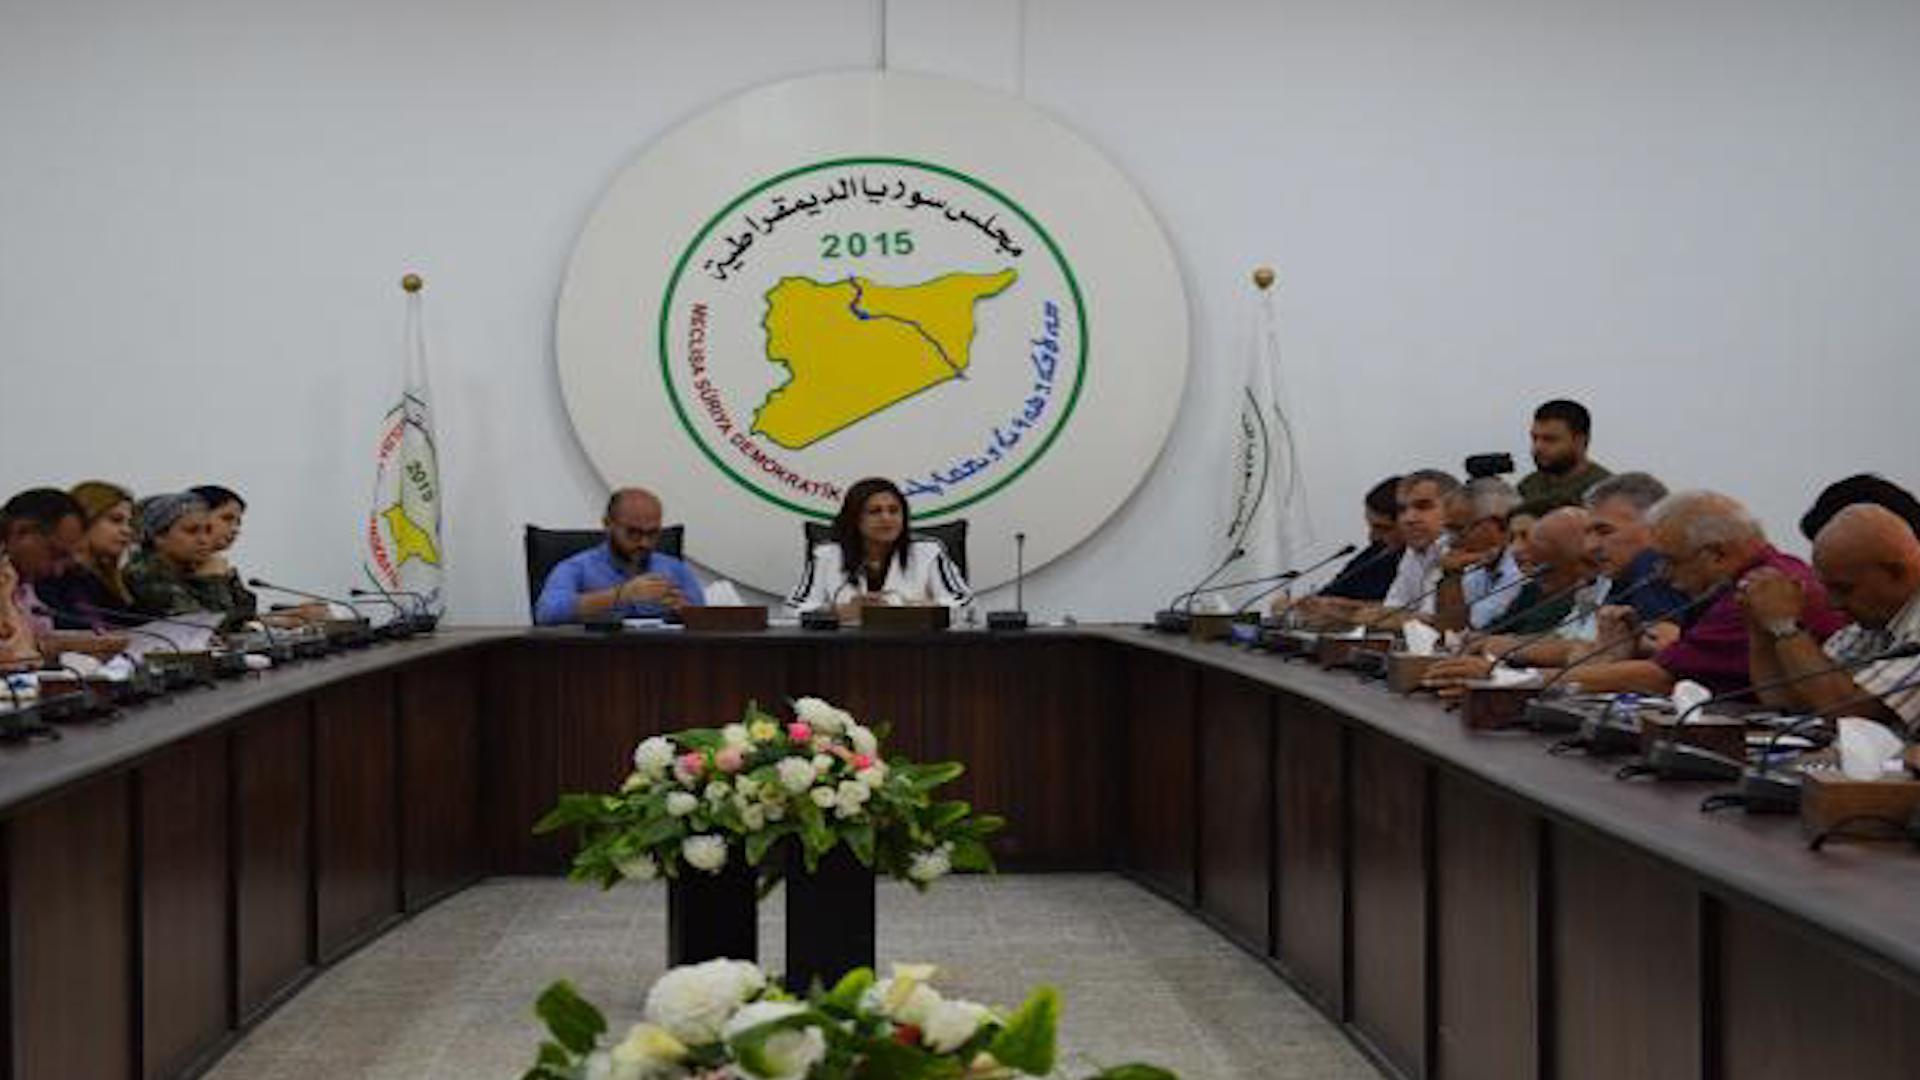 Photo of MSD: ARMANCA GEFÊN TIRKIYÊ TINEKIRINA TECRÛBEYA DEMOKRATIK E